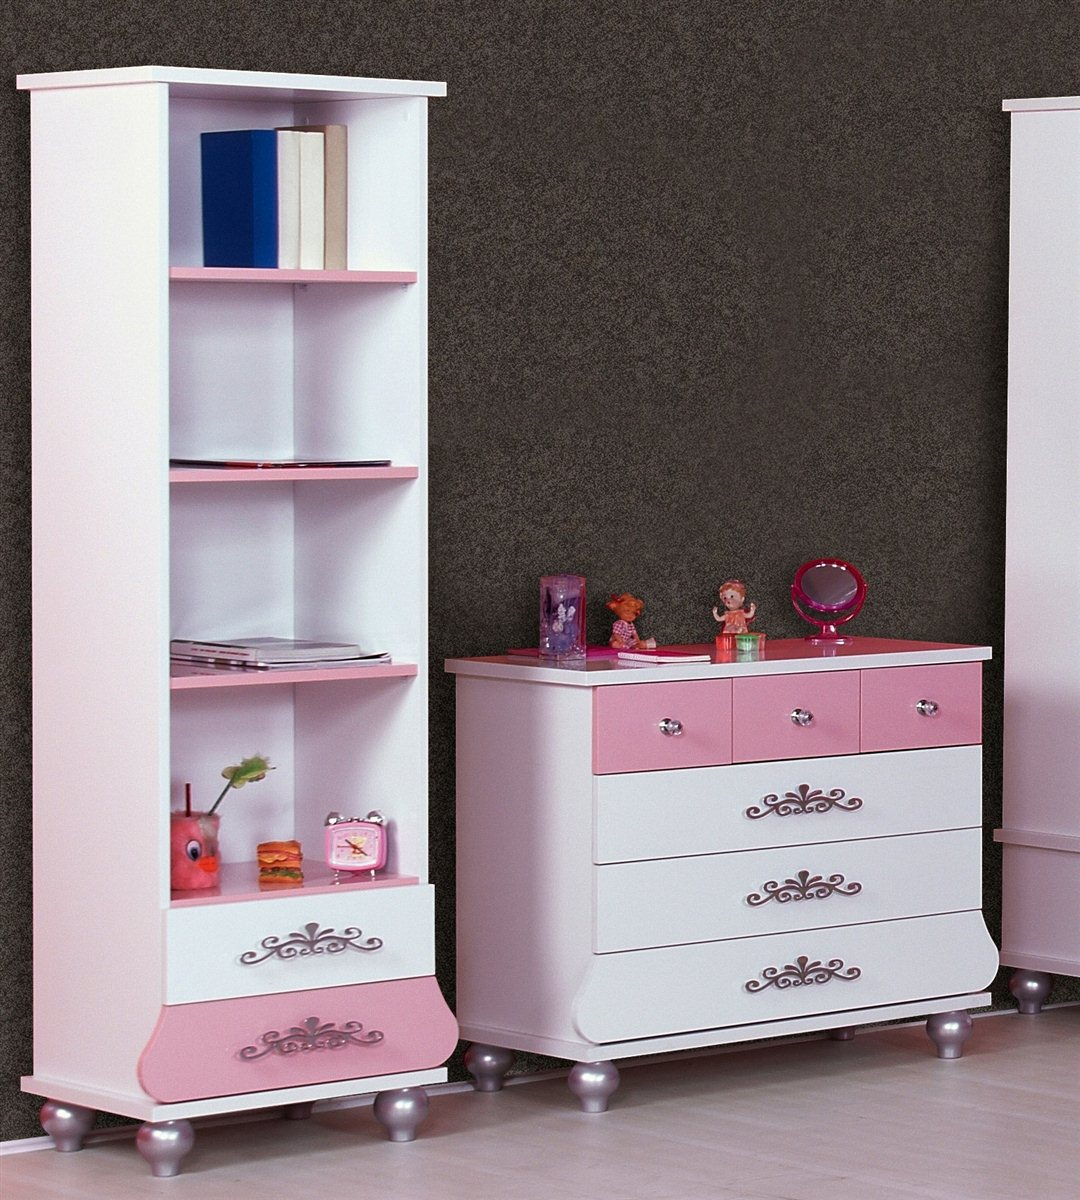 Kinderzimmer prinzessin kinder bett m dchen pink for Kinderzimmer ebay